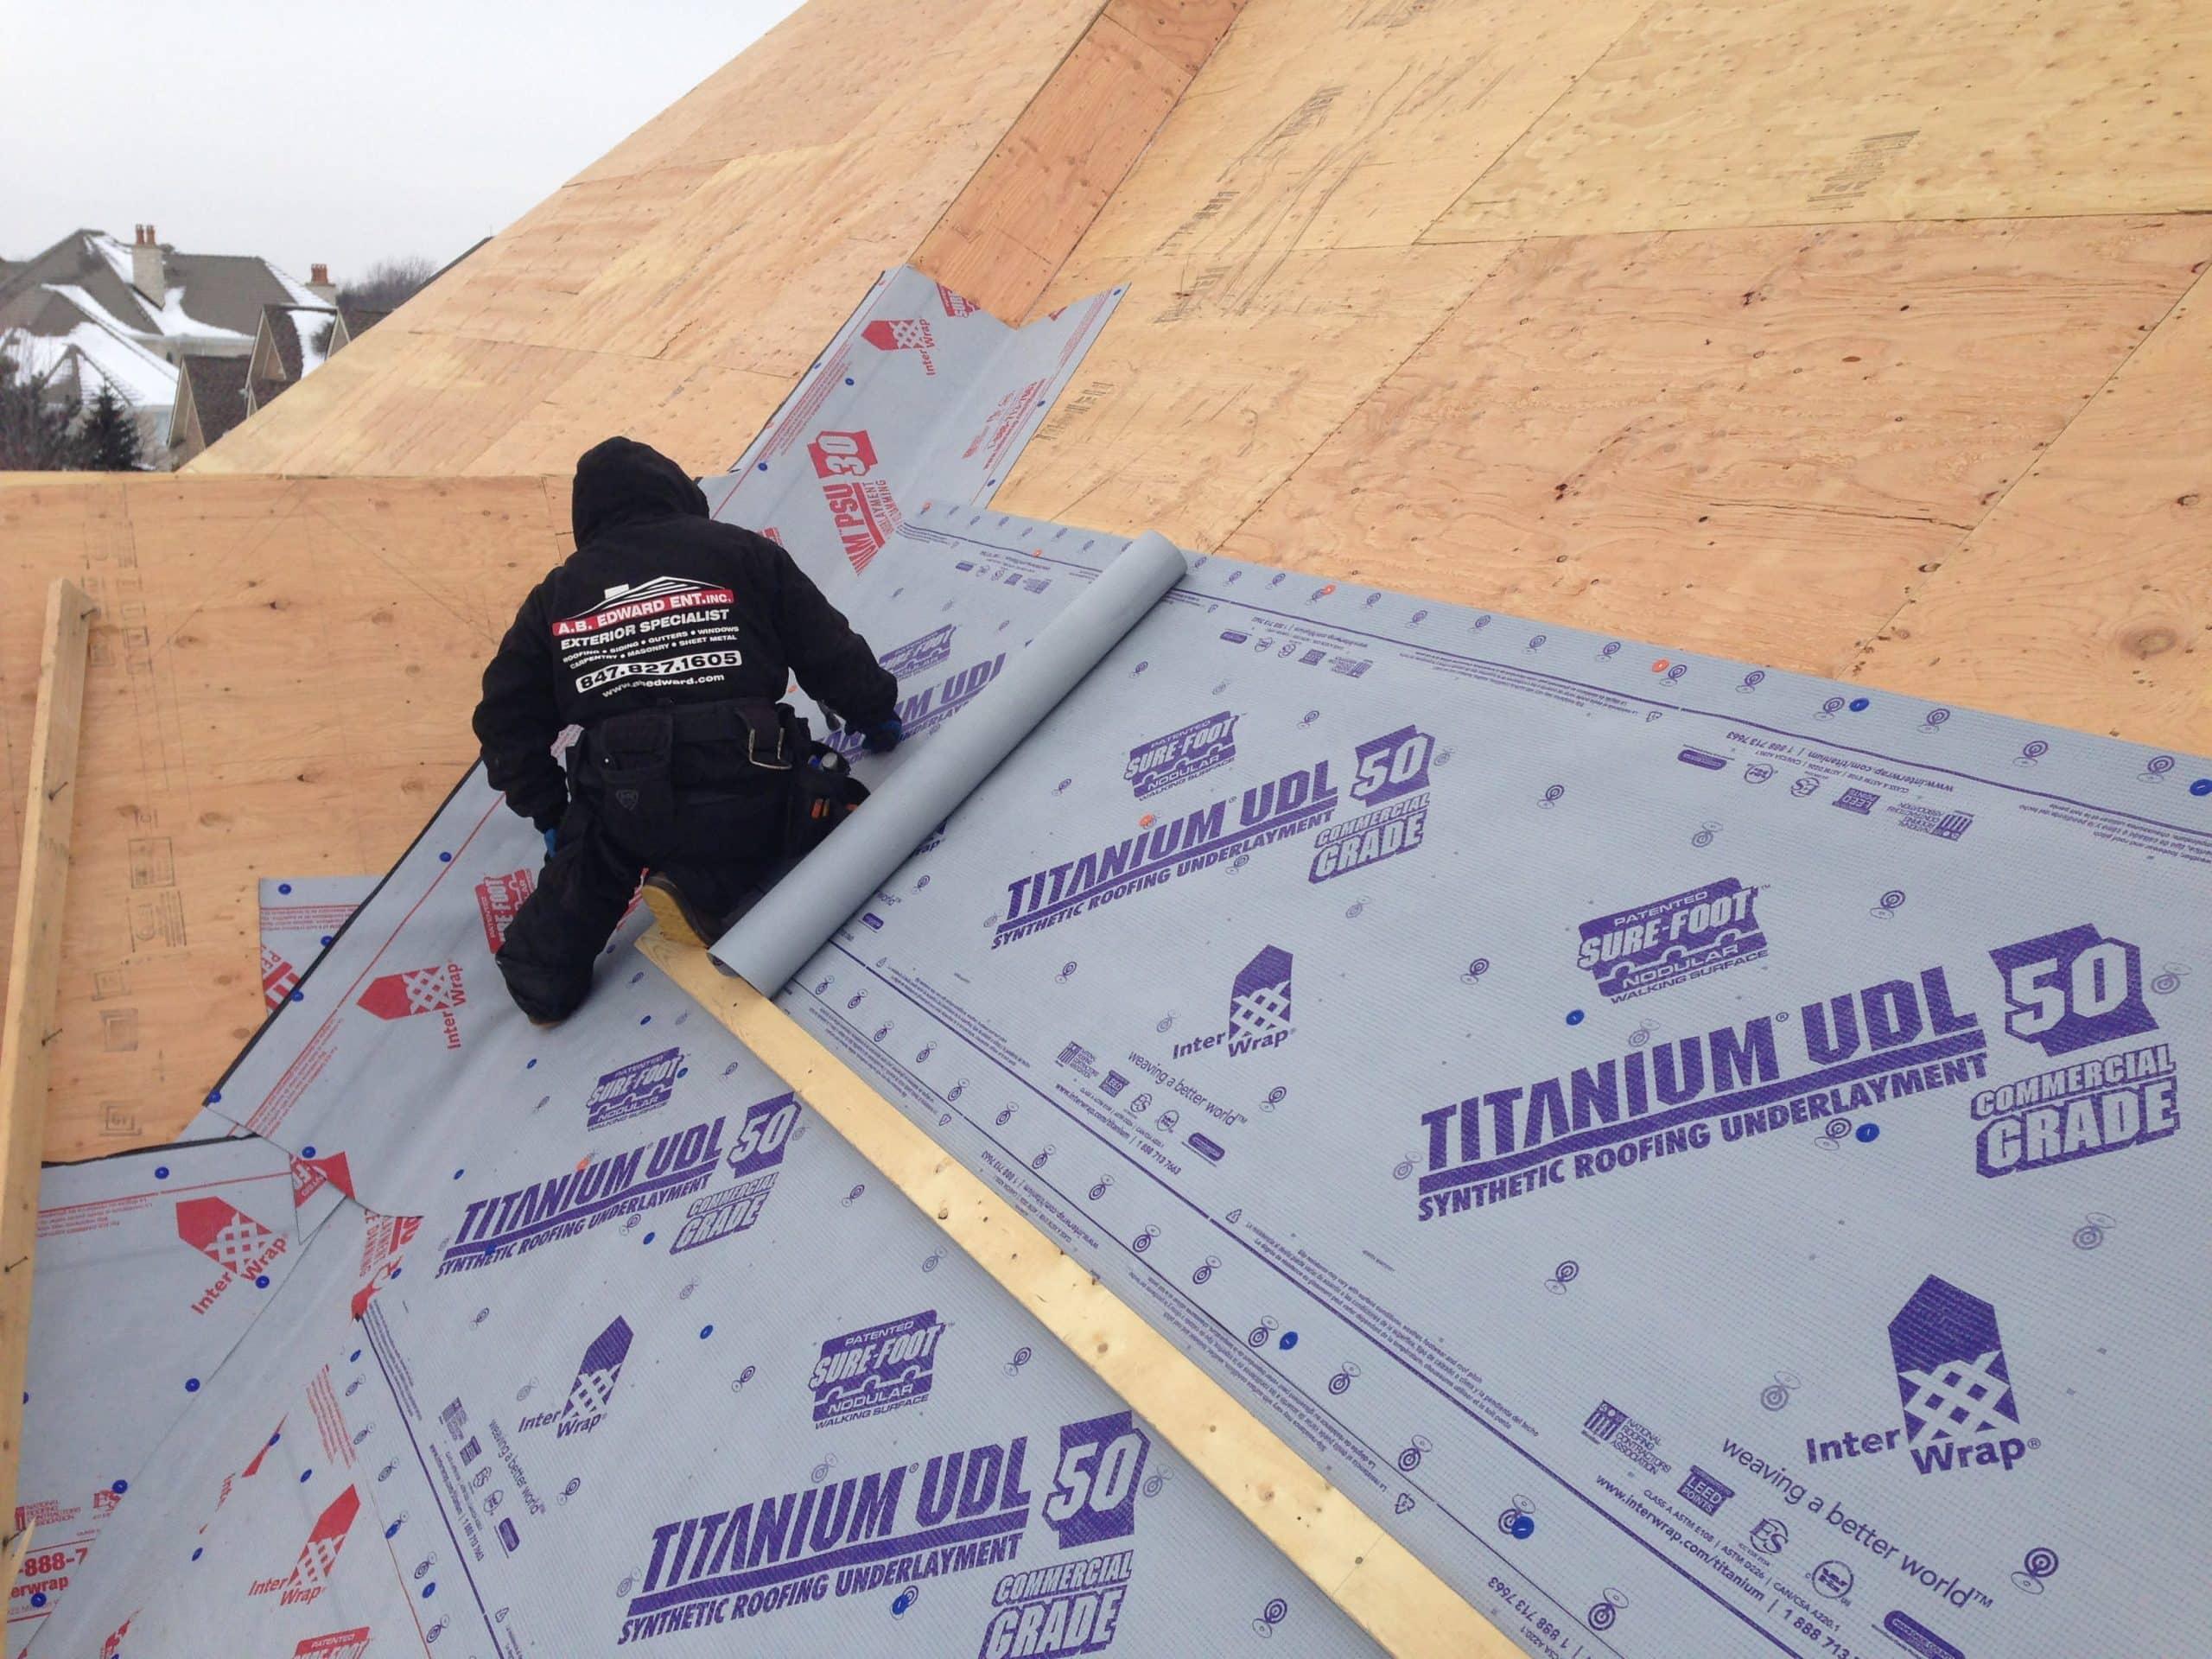 Marvelous Interwrap Titanium Roofing Products By A.B. Edward Enterprises, Inc.